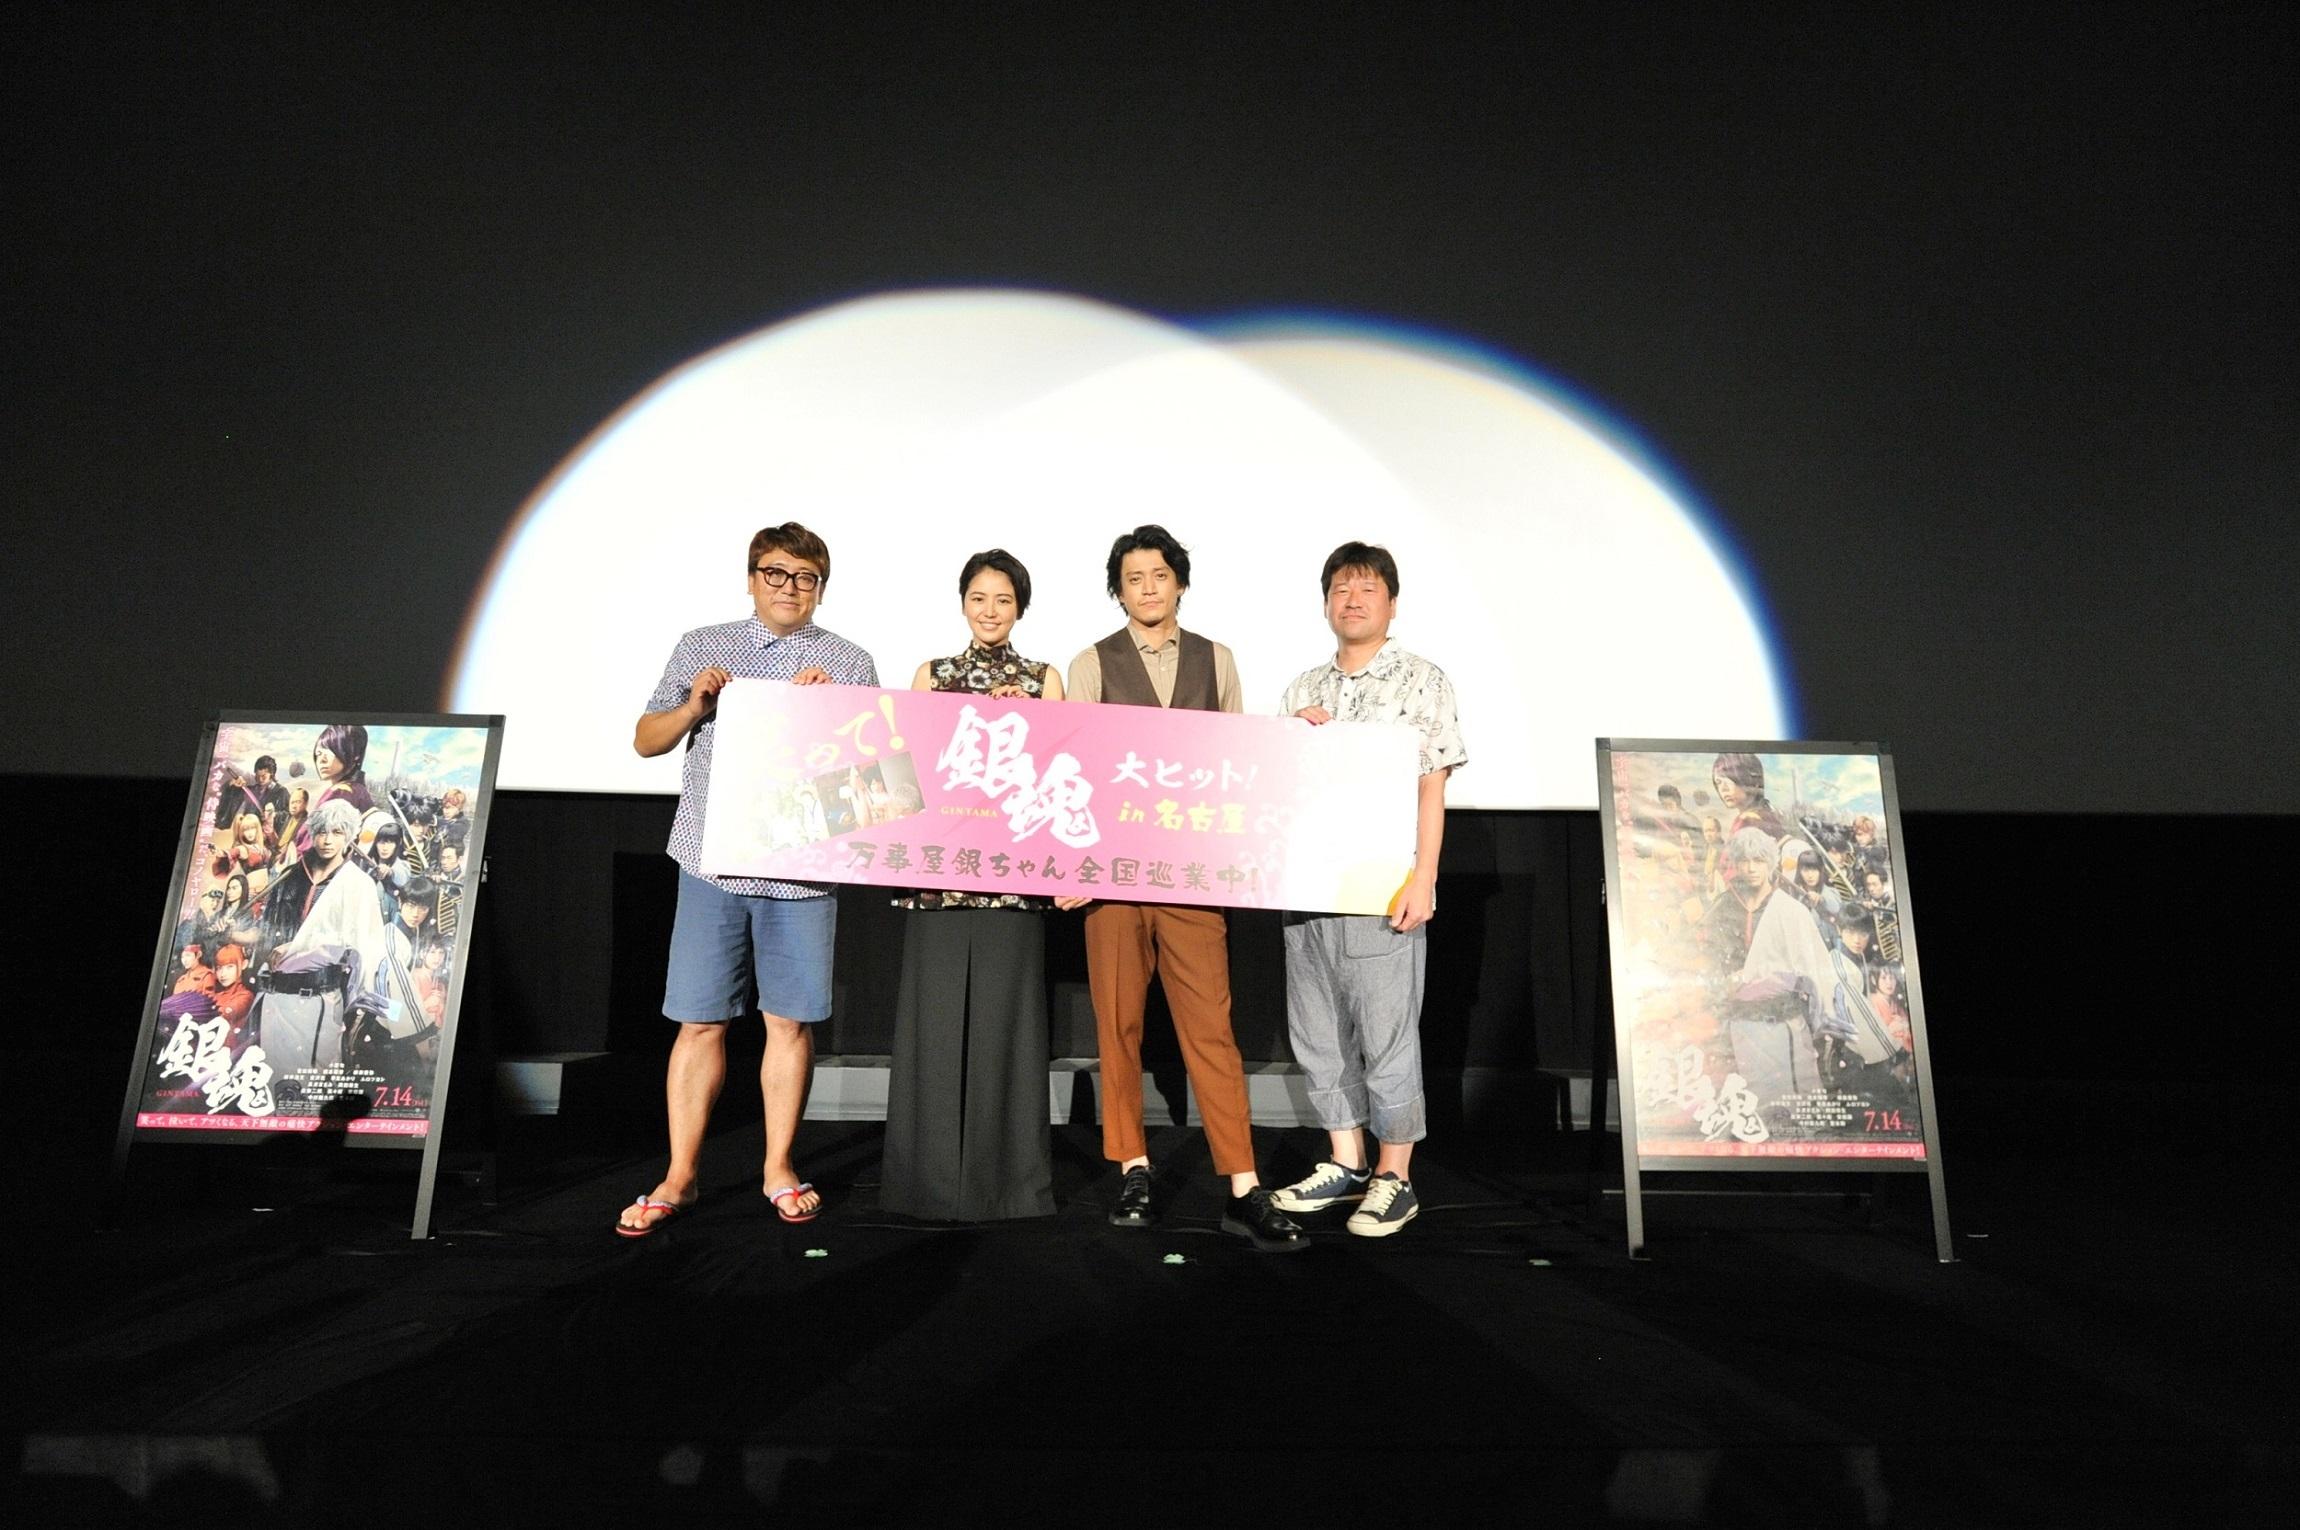 左から、福田雄一監督、長澤まさみ、小栗旬、佐藤二朗 『銀魂』名古屋舞台あいさつ